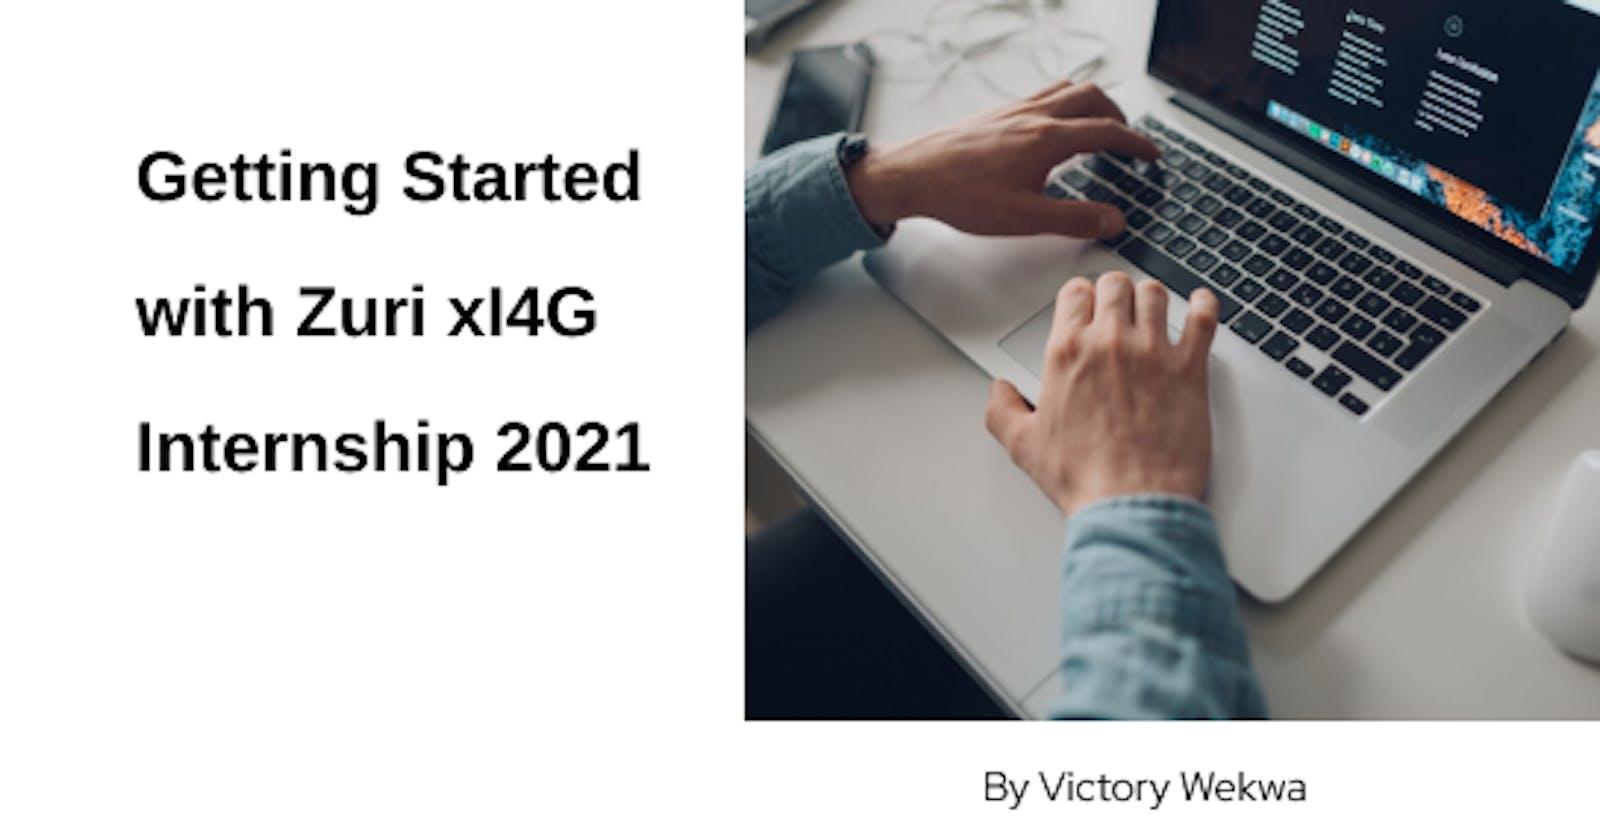 Getting Started with Zuri X Ingressive For Good Internship 2021